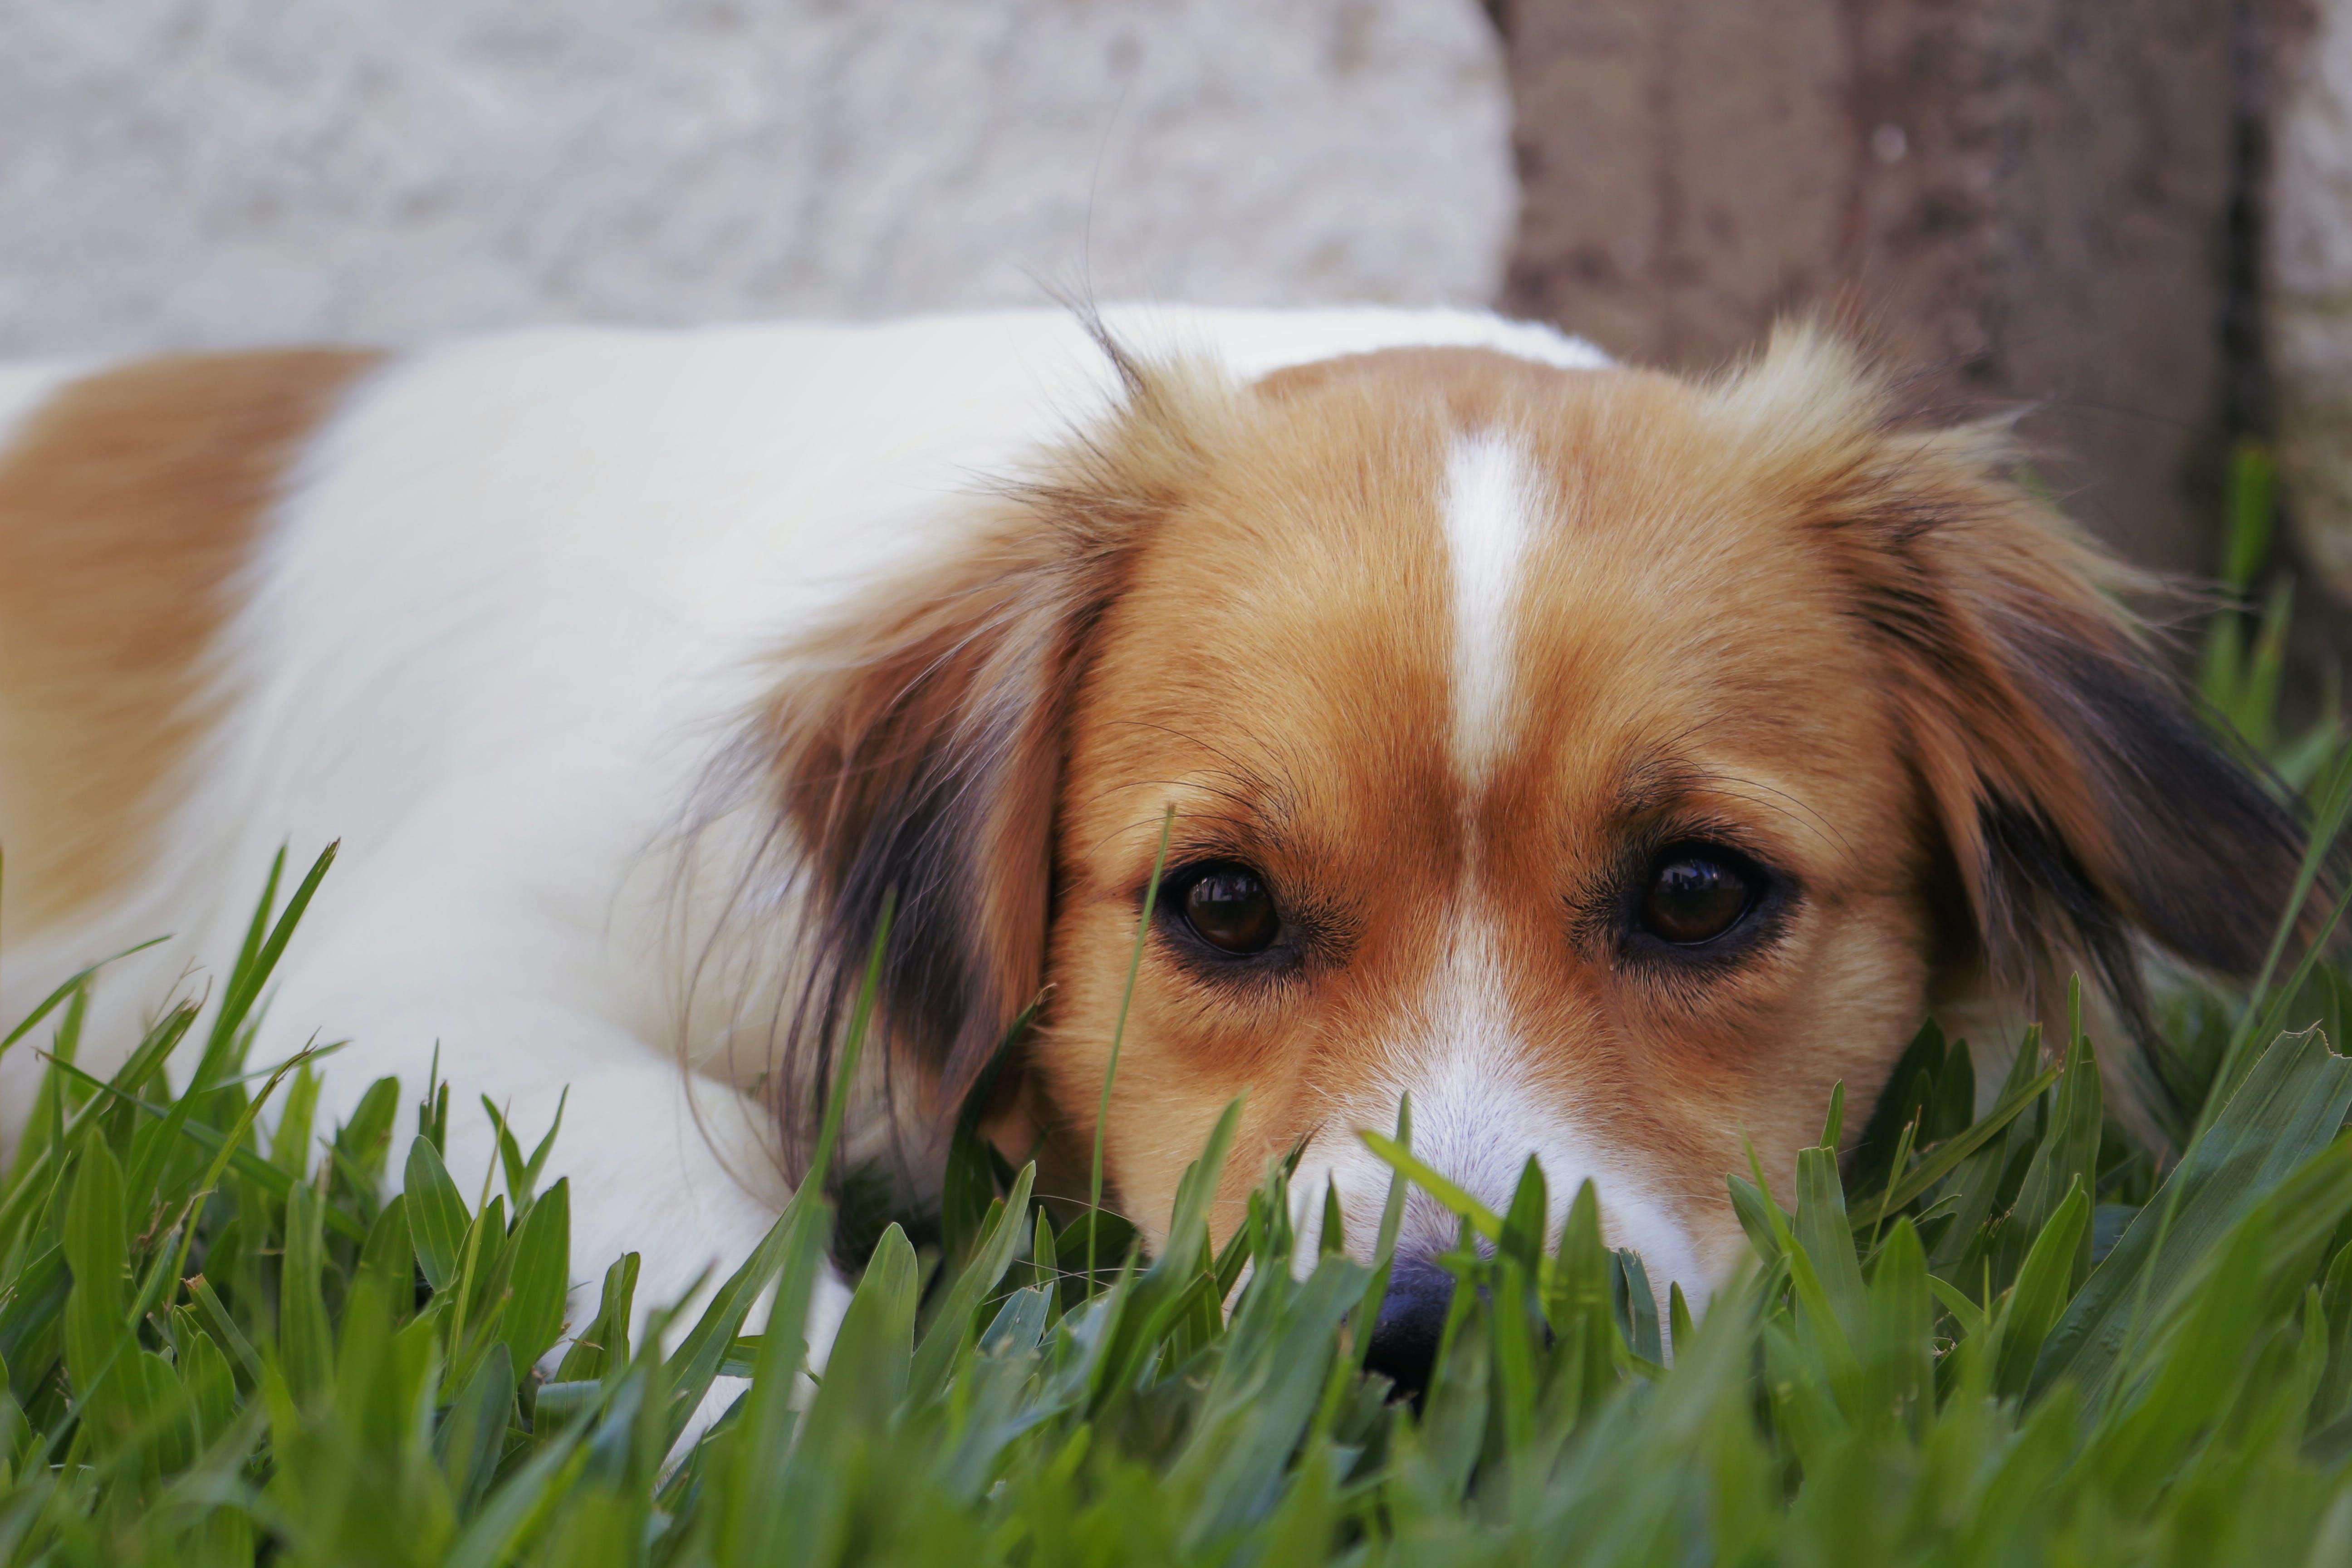 Kostenloses Stock Foto zu haustier hund, haustiere, hund, niedlich